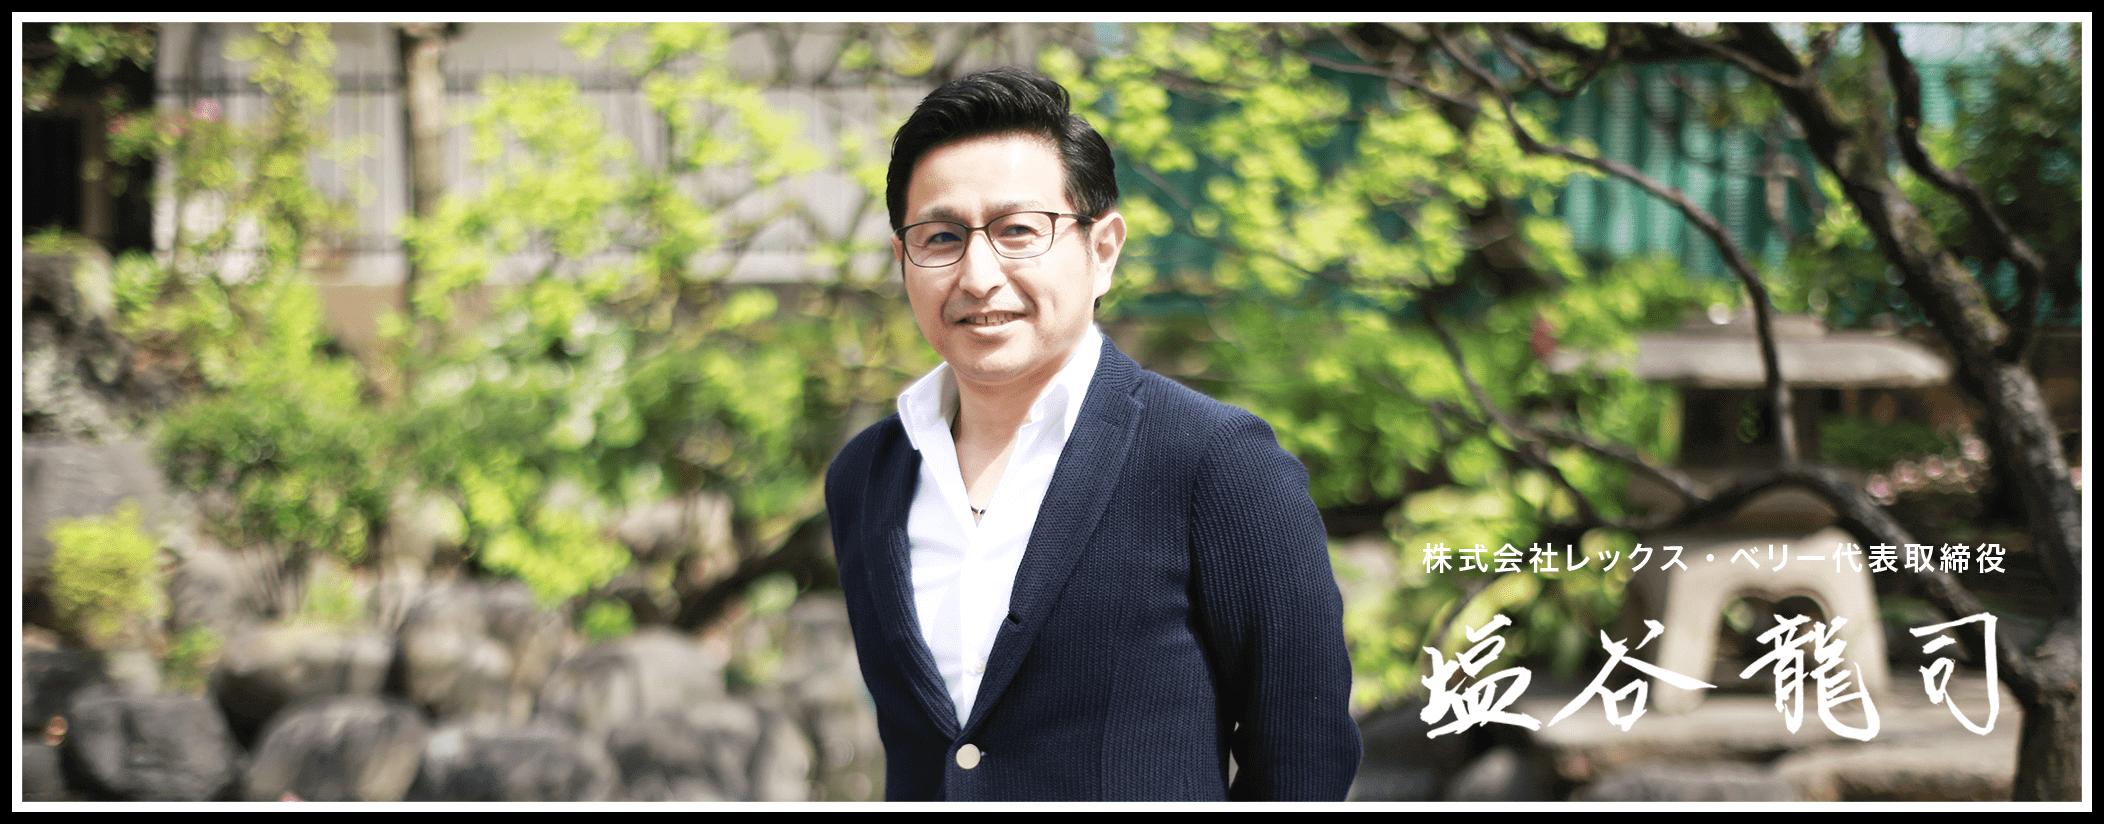 株式会社レックス・ベリー代表取締役 塩谷龍司